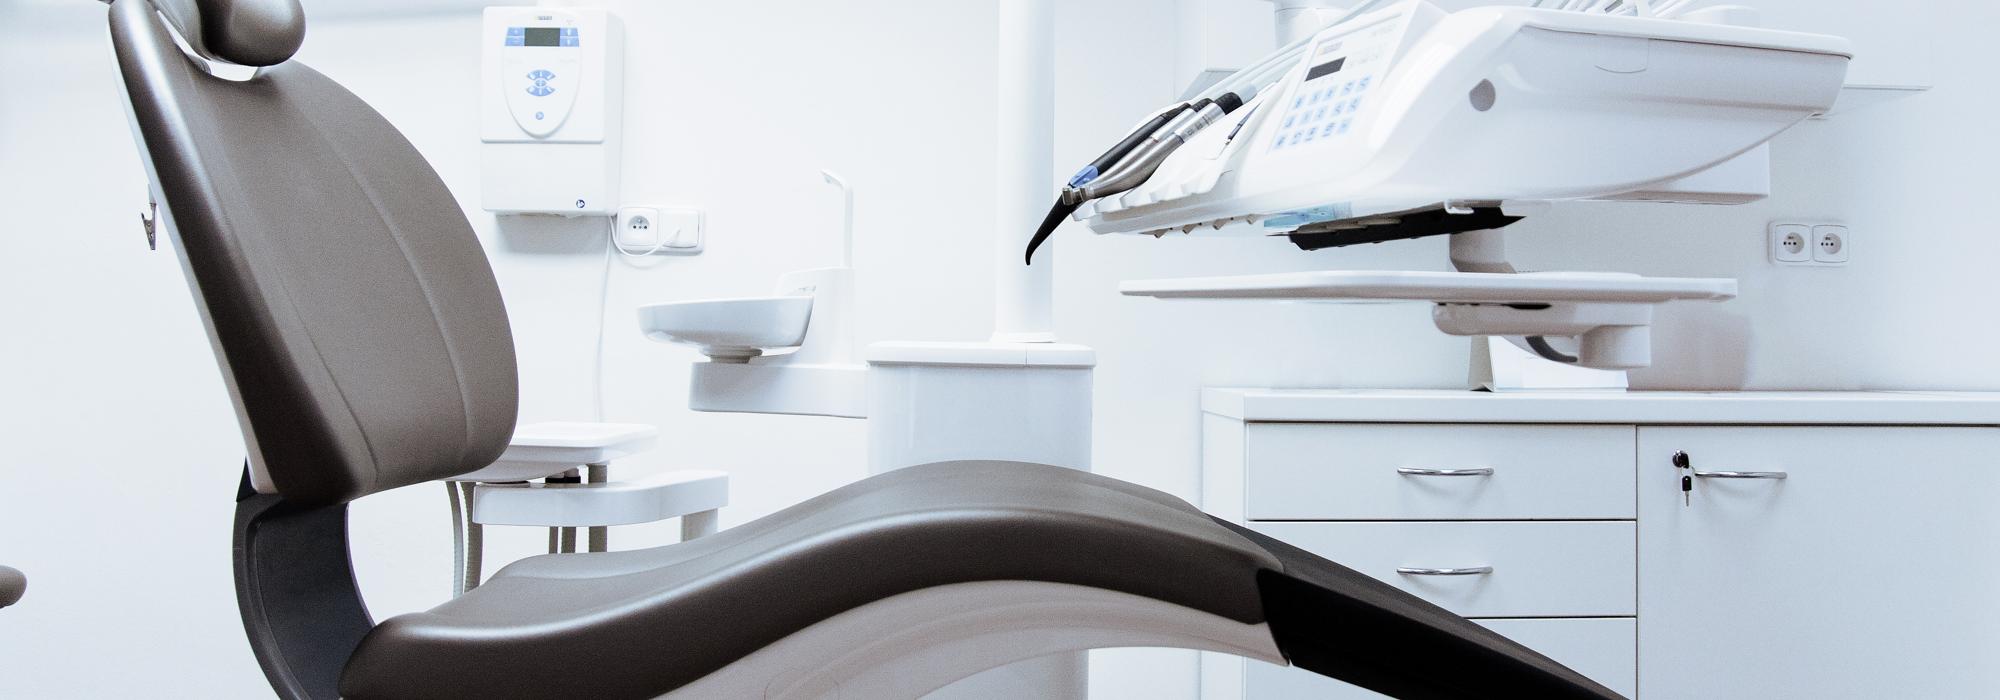 Dentist Clinic Chair